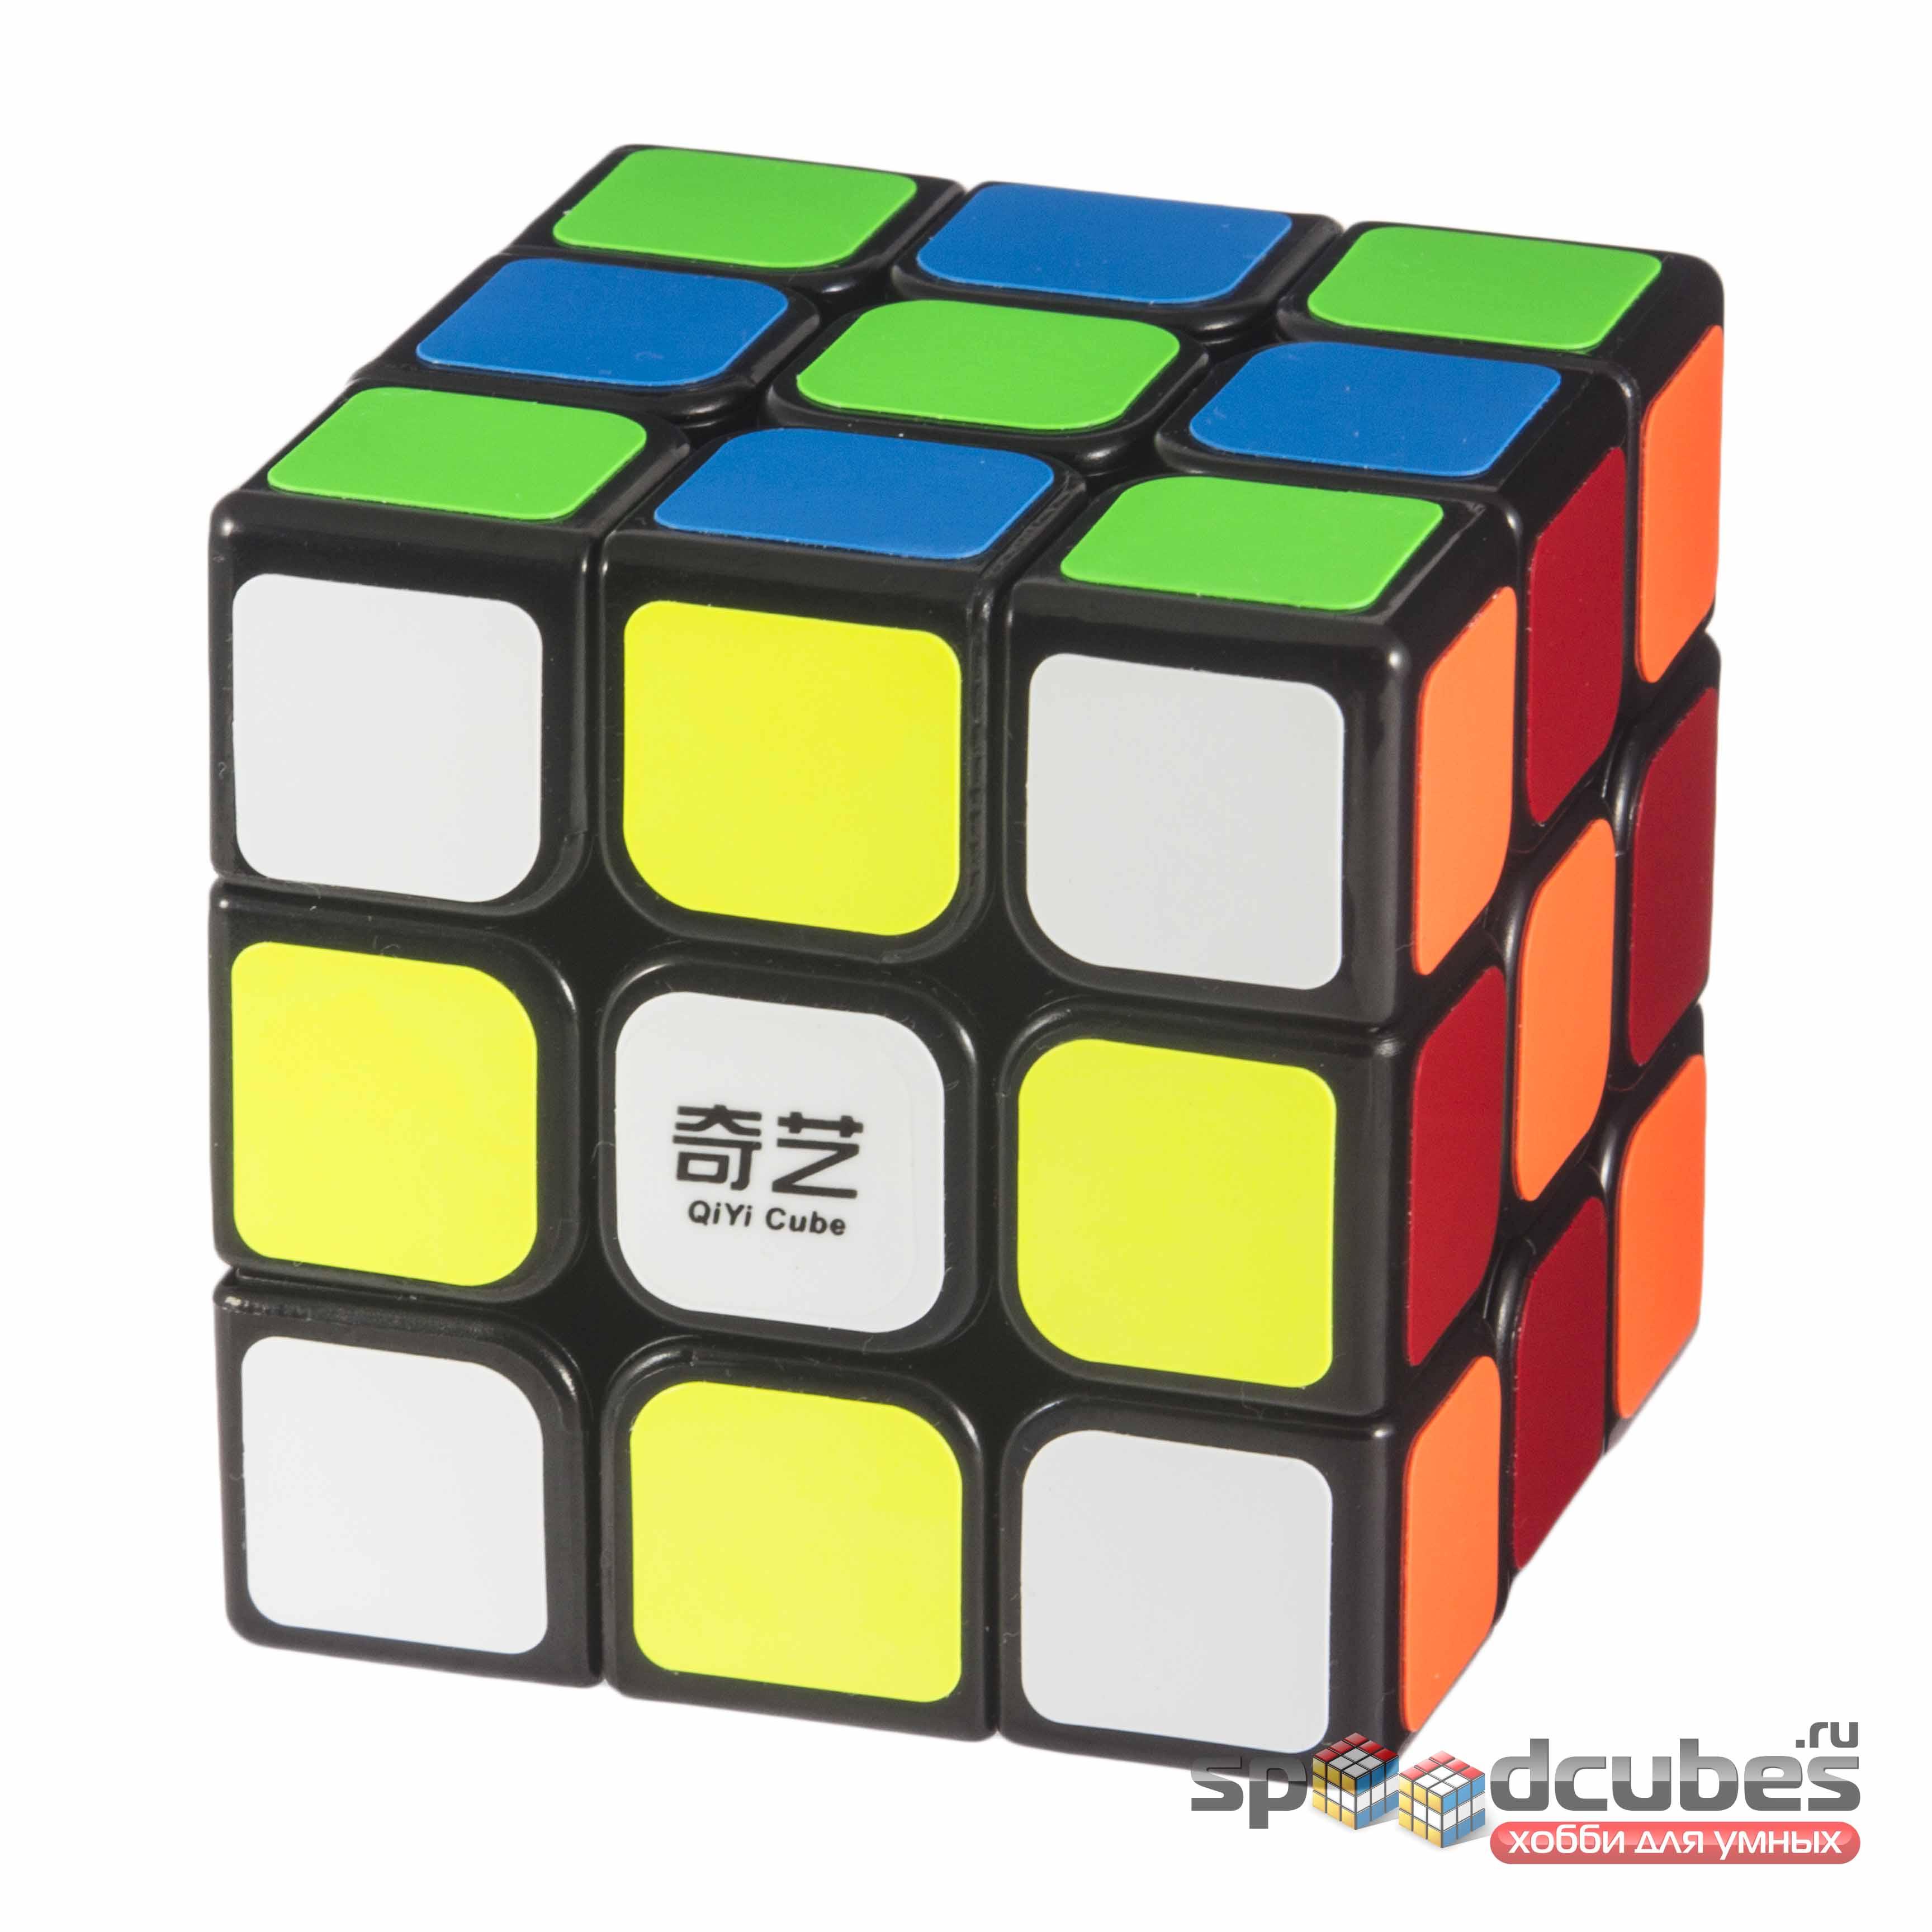 Qiyi Mofangge 3x3x3 Qihang Sail Black 2